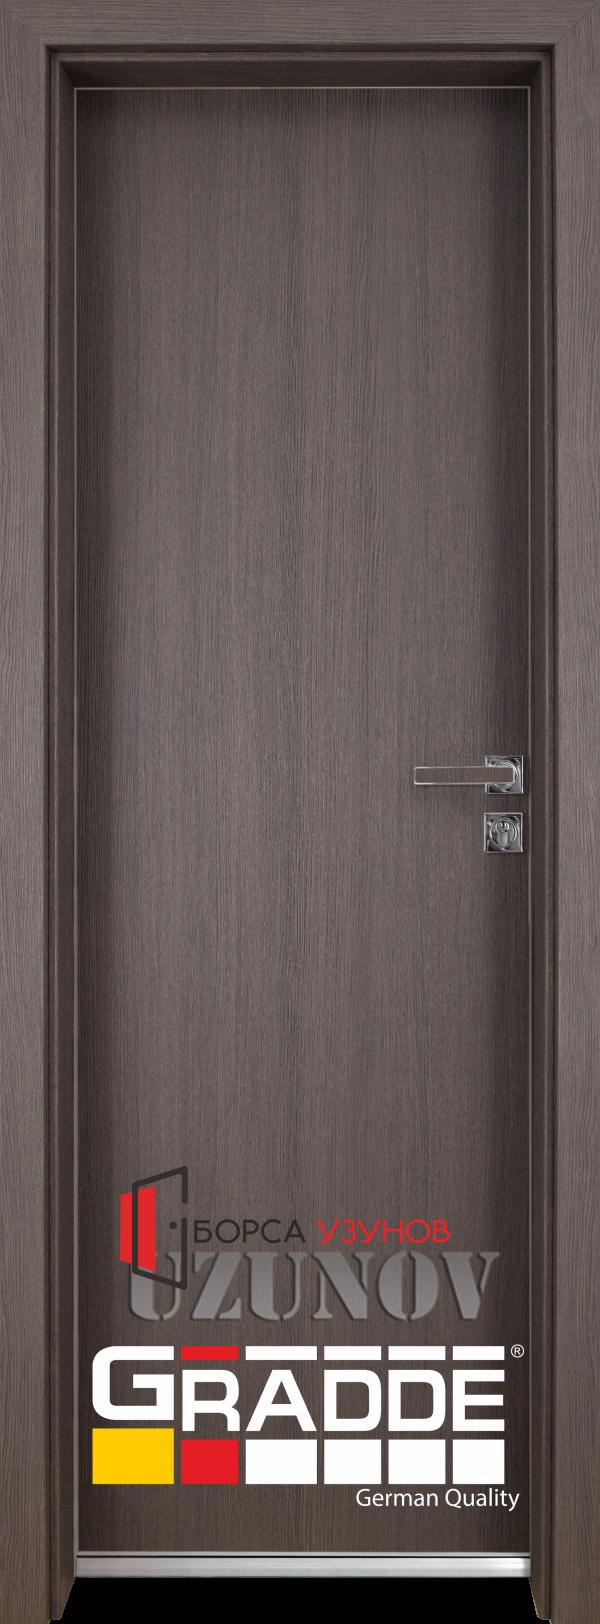 Алуминиева врата GRADDE цвят SanDiego от УЗУНОВ в София